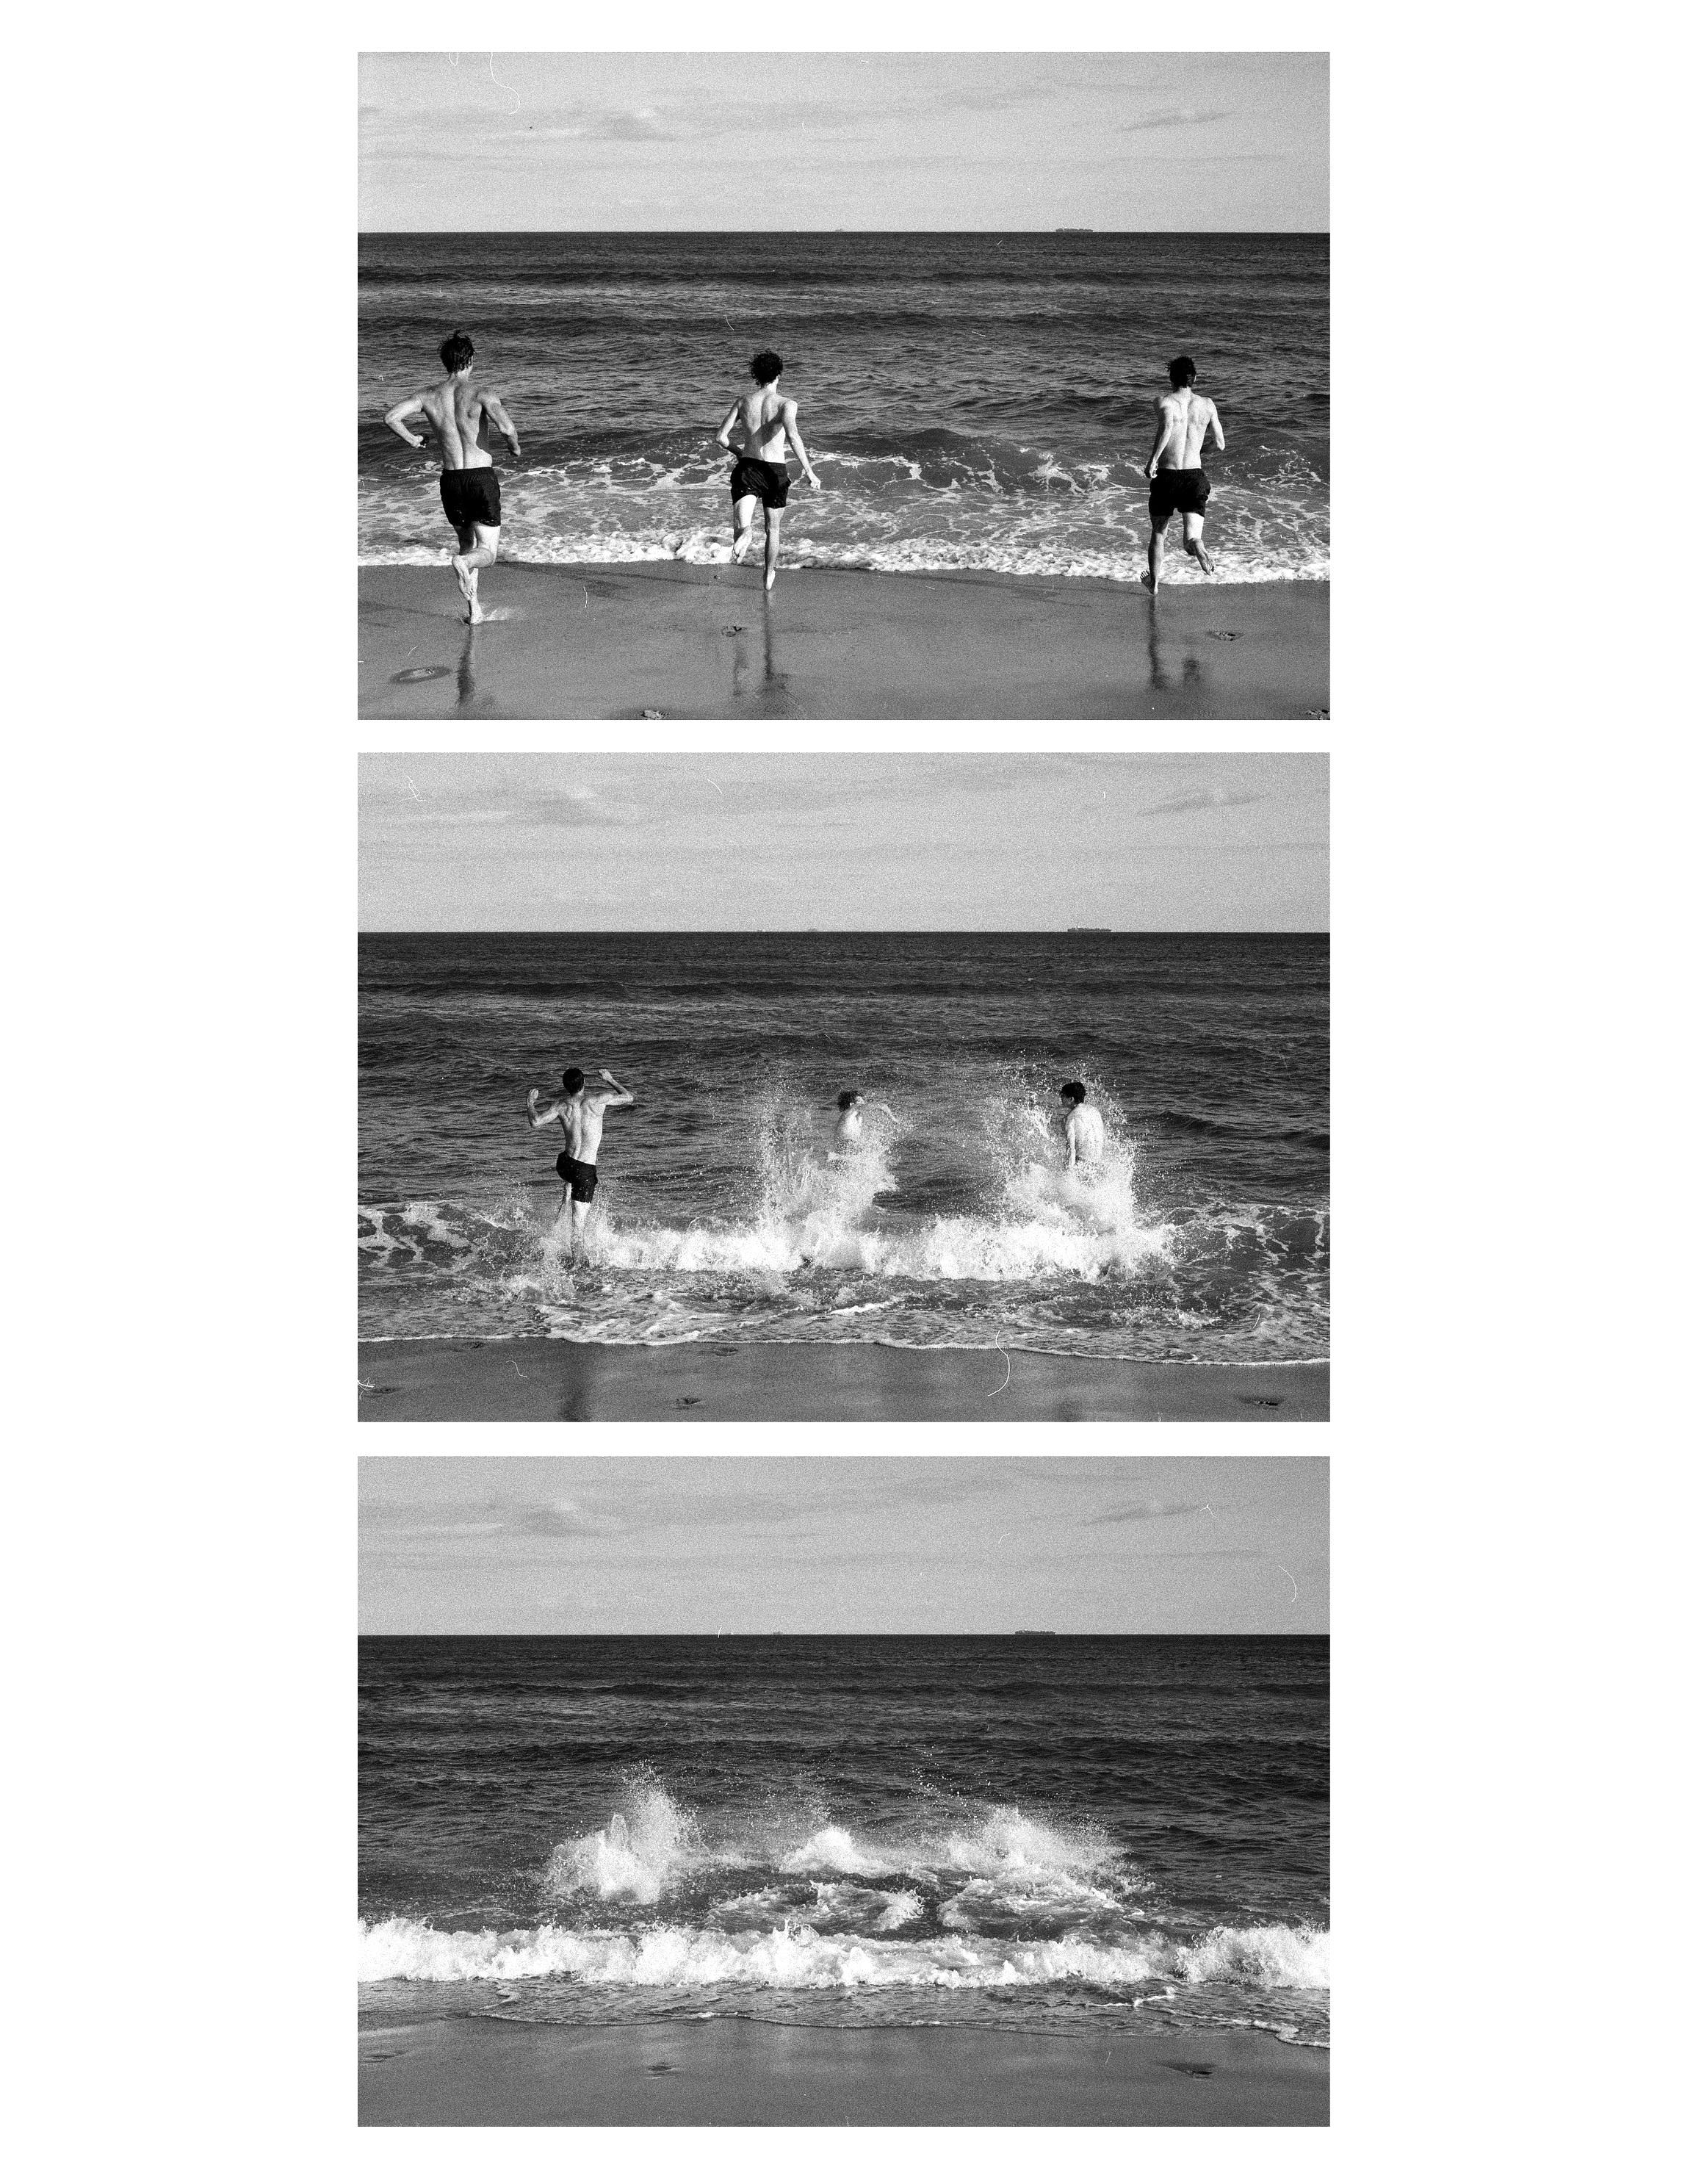 Beach_Boys_23.jpg